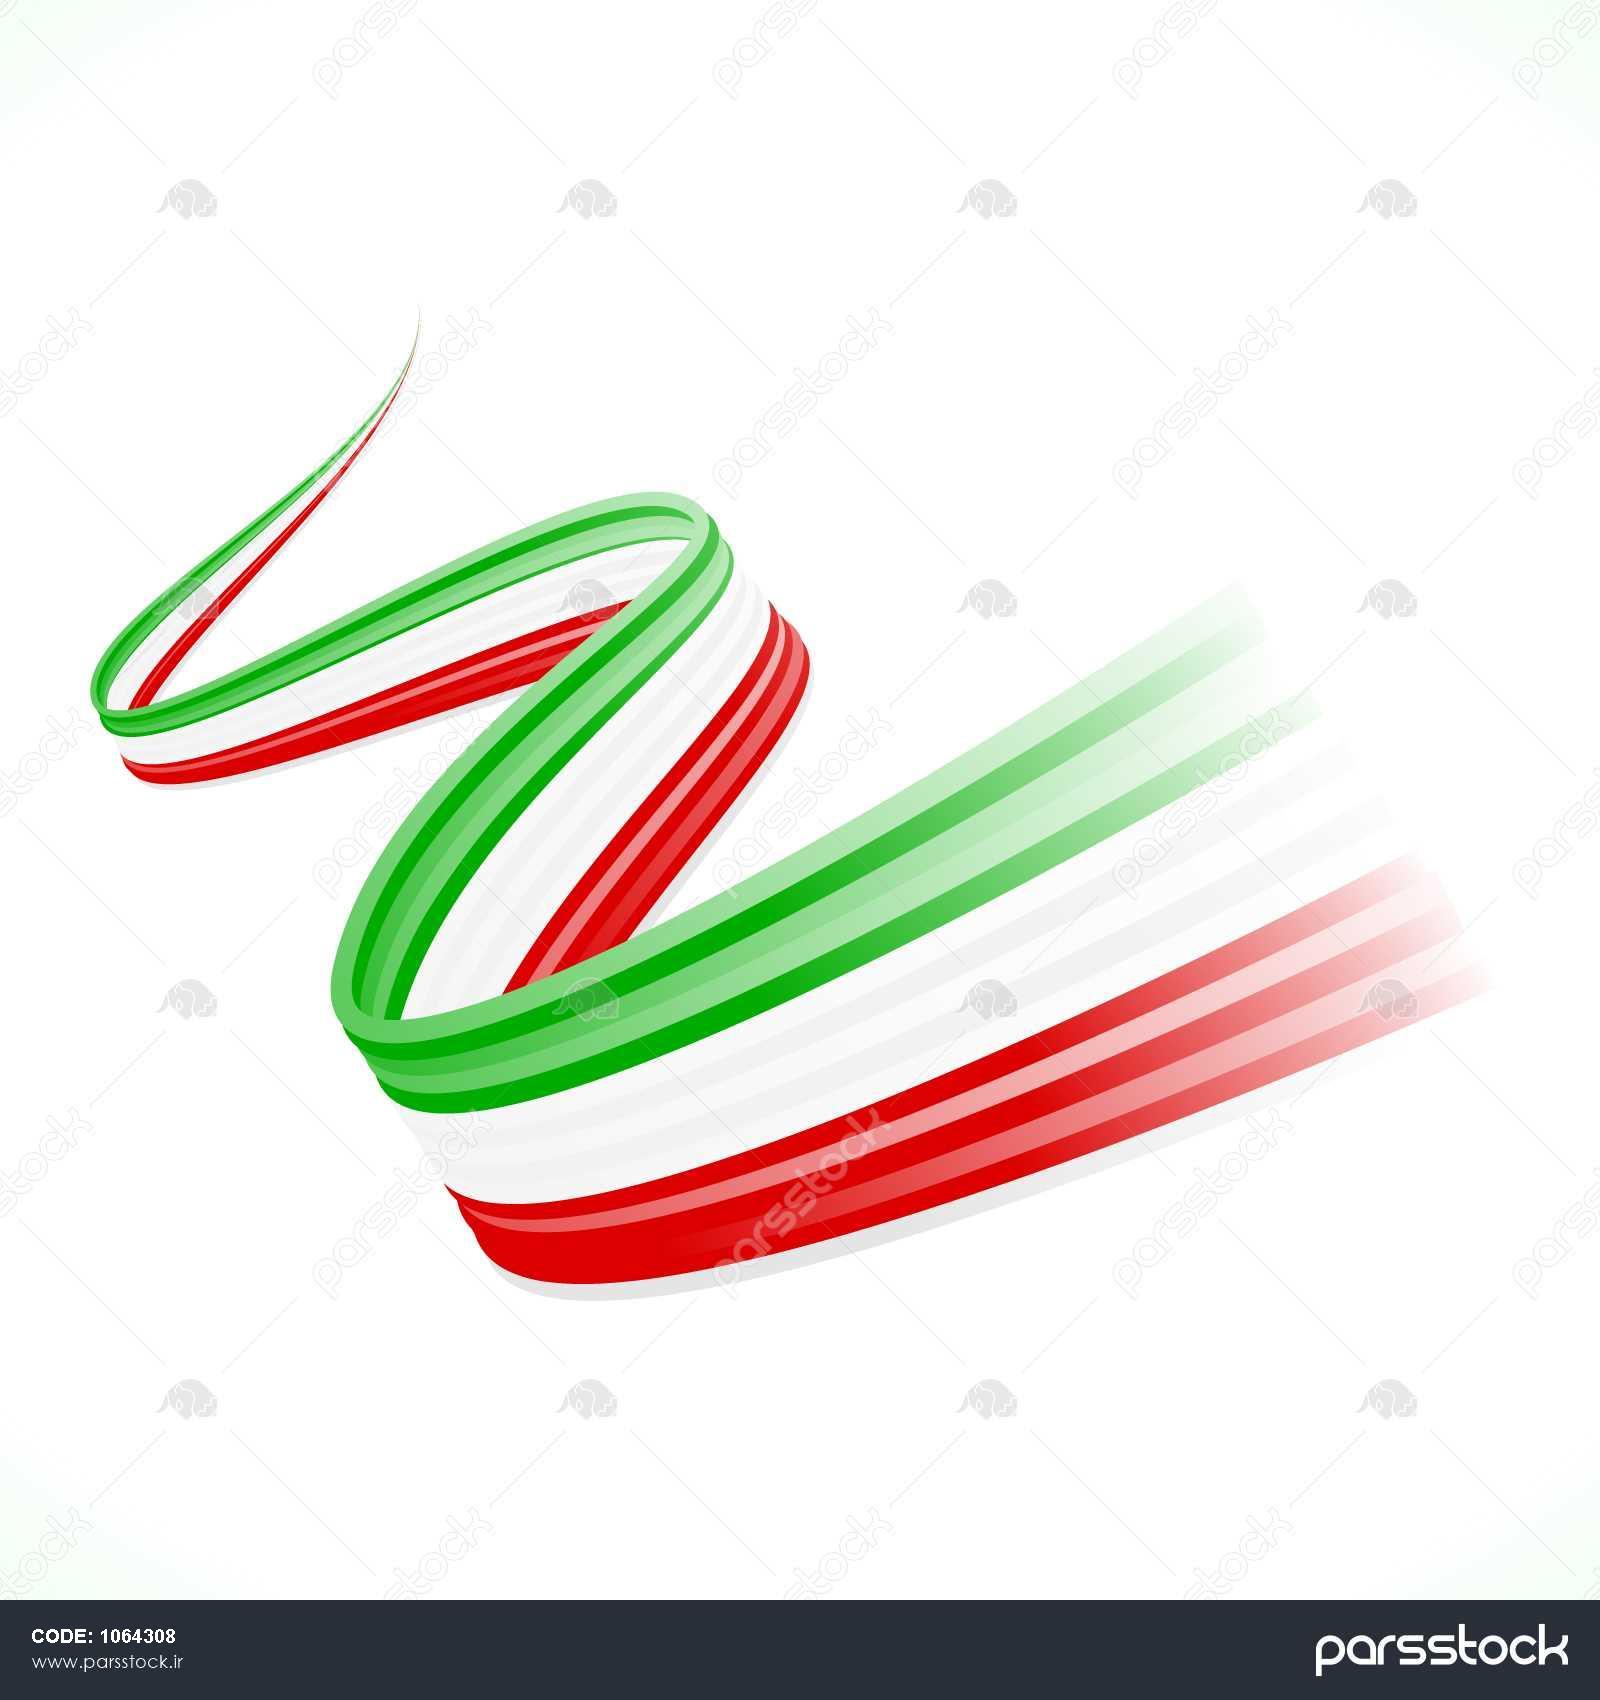 چکیده تکان ایتالیایی، مکزیکی، مجارستان و پرچم ایران وکتور